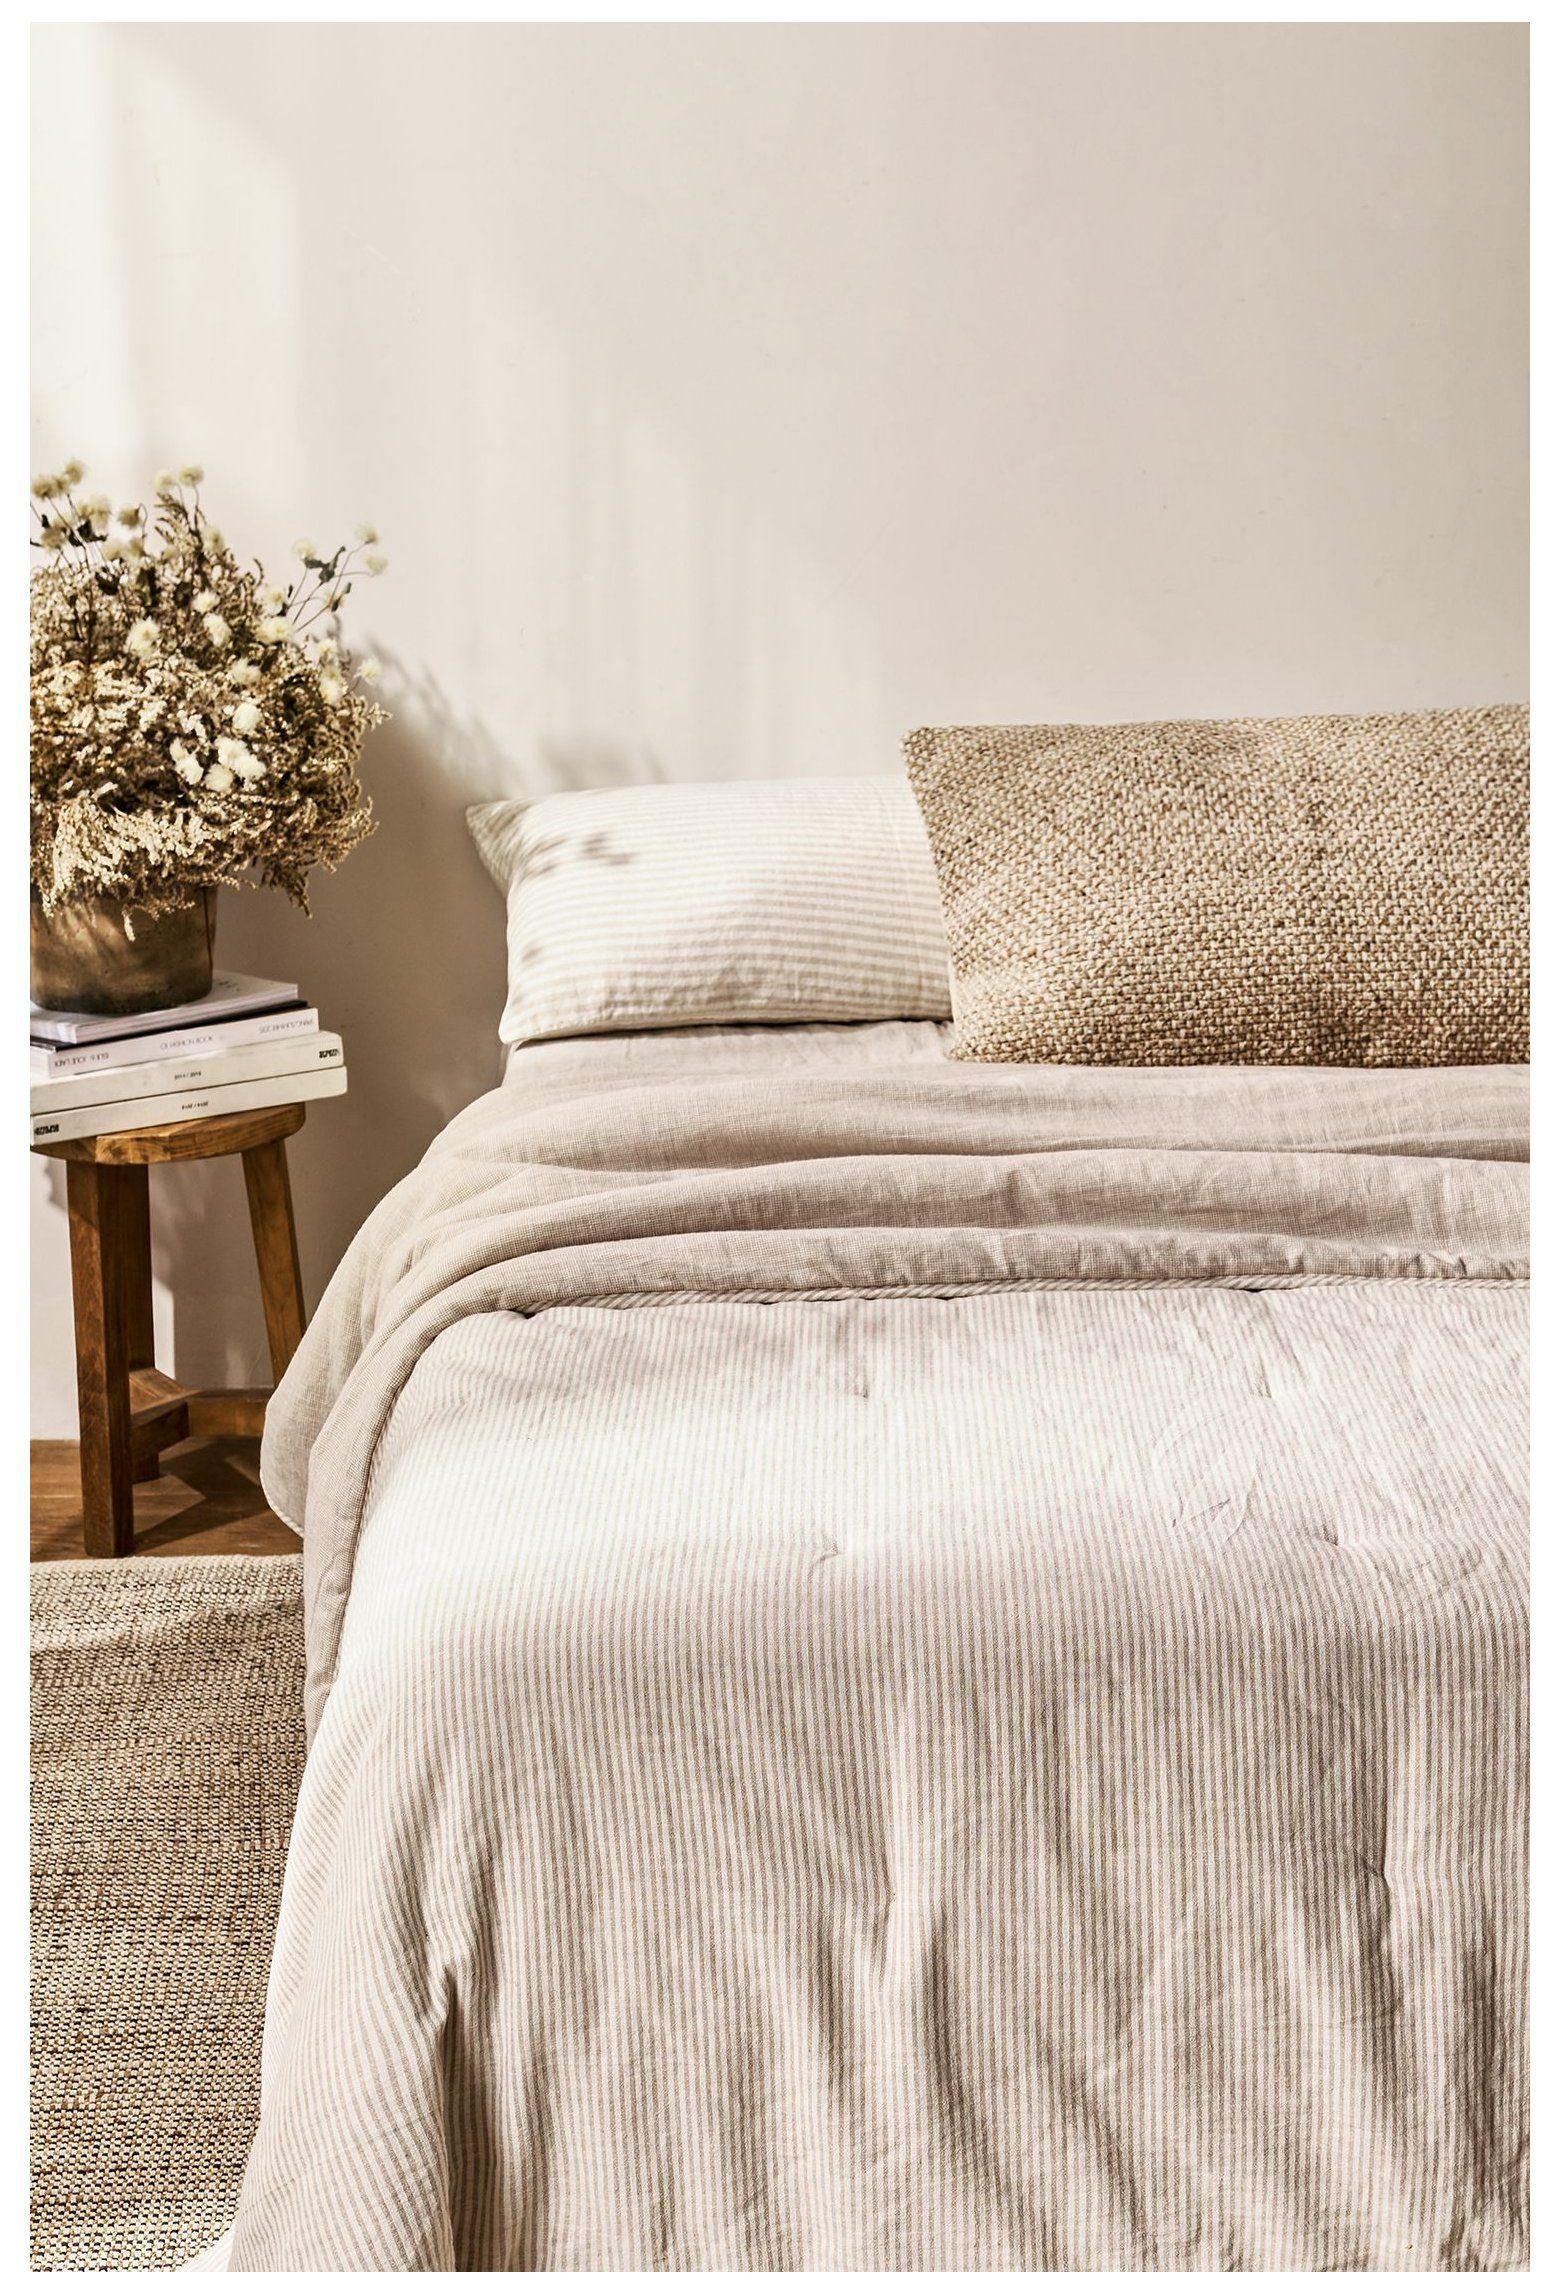 Zara Home Zara Home Bedroom Una Vez Mas Enamoramiento Supremo Por Las Nuevas Propuestas De Zara Home De Zara Home Bedroom Home Bedroom Bedroom Inspirations